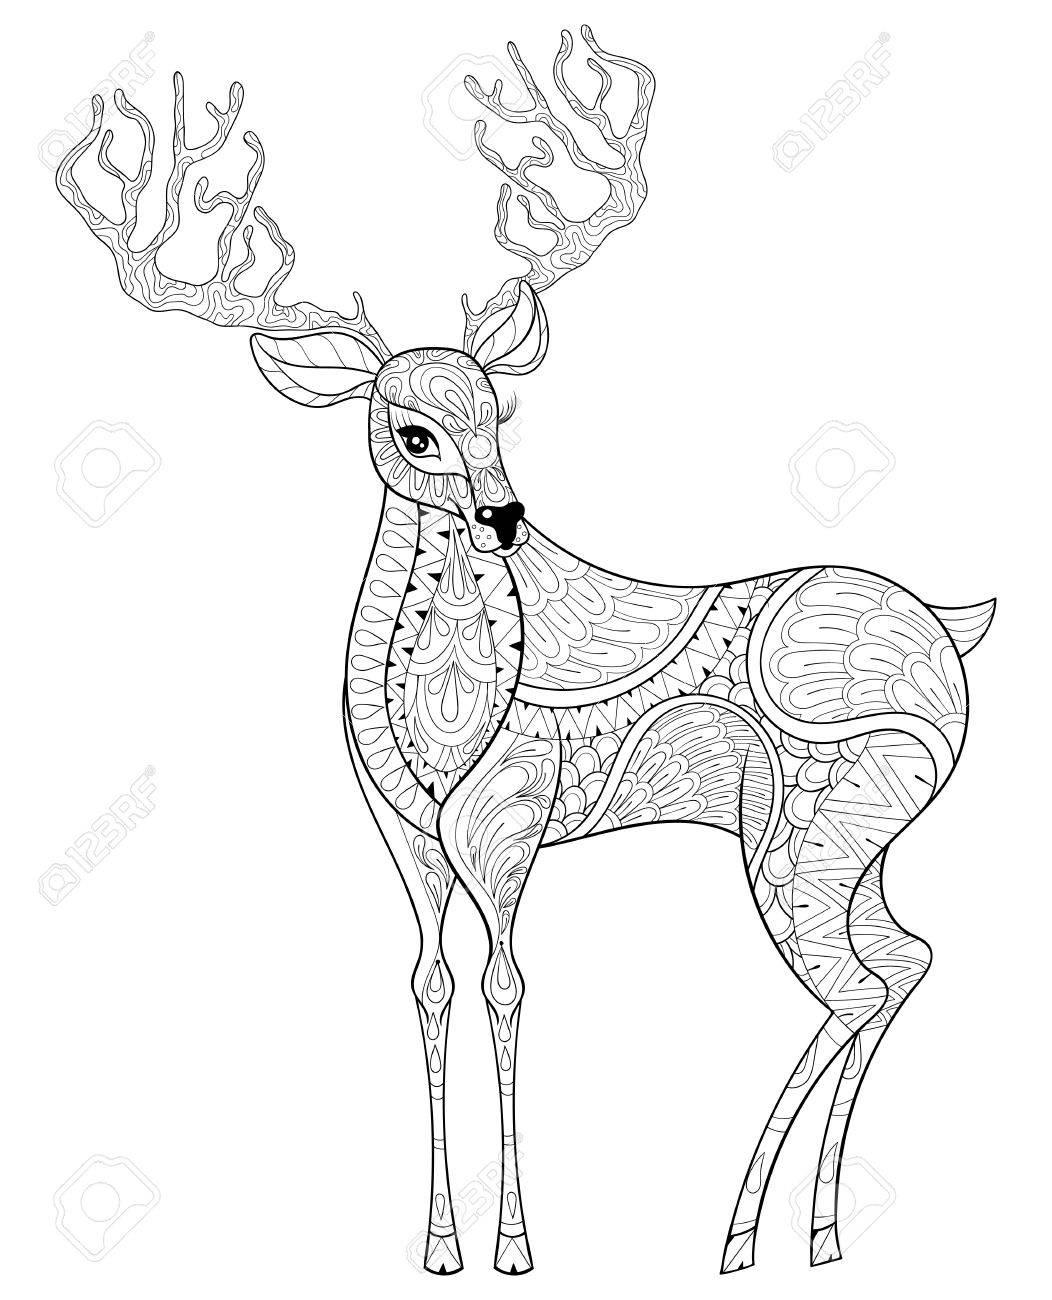 ベクター クリスマスのトナカイ、大人 antistress ぬり絵のツノのエルク。クリスマスのグリーティング カード、ポスター、招待状、2017  年新年の描かれたイラストを手します。A4 サイズ。Eps10。